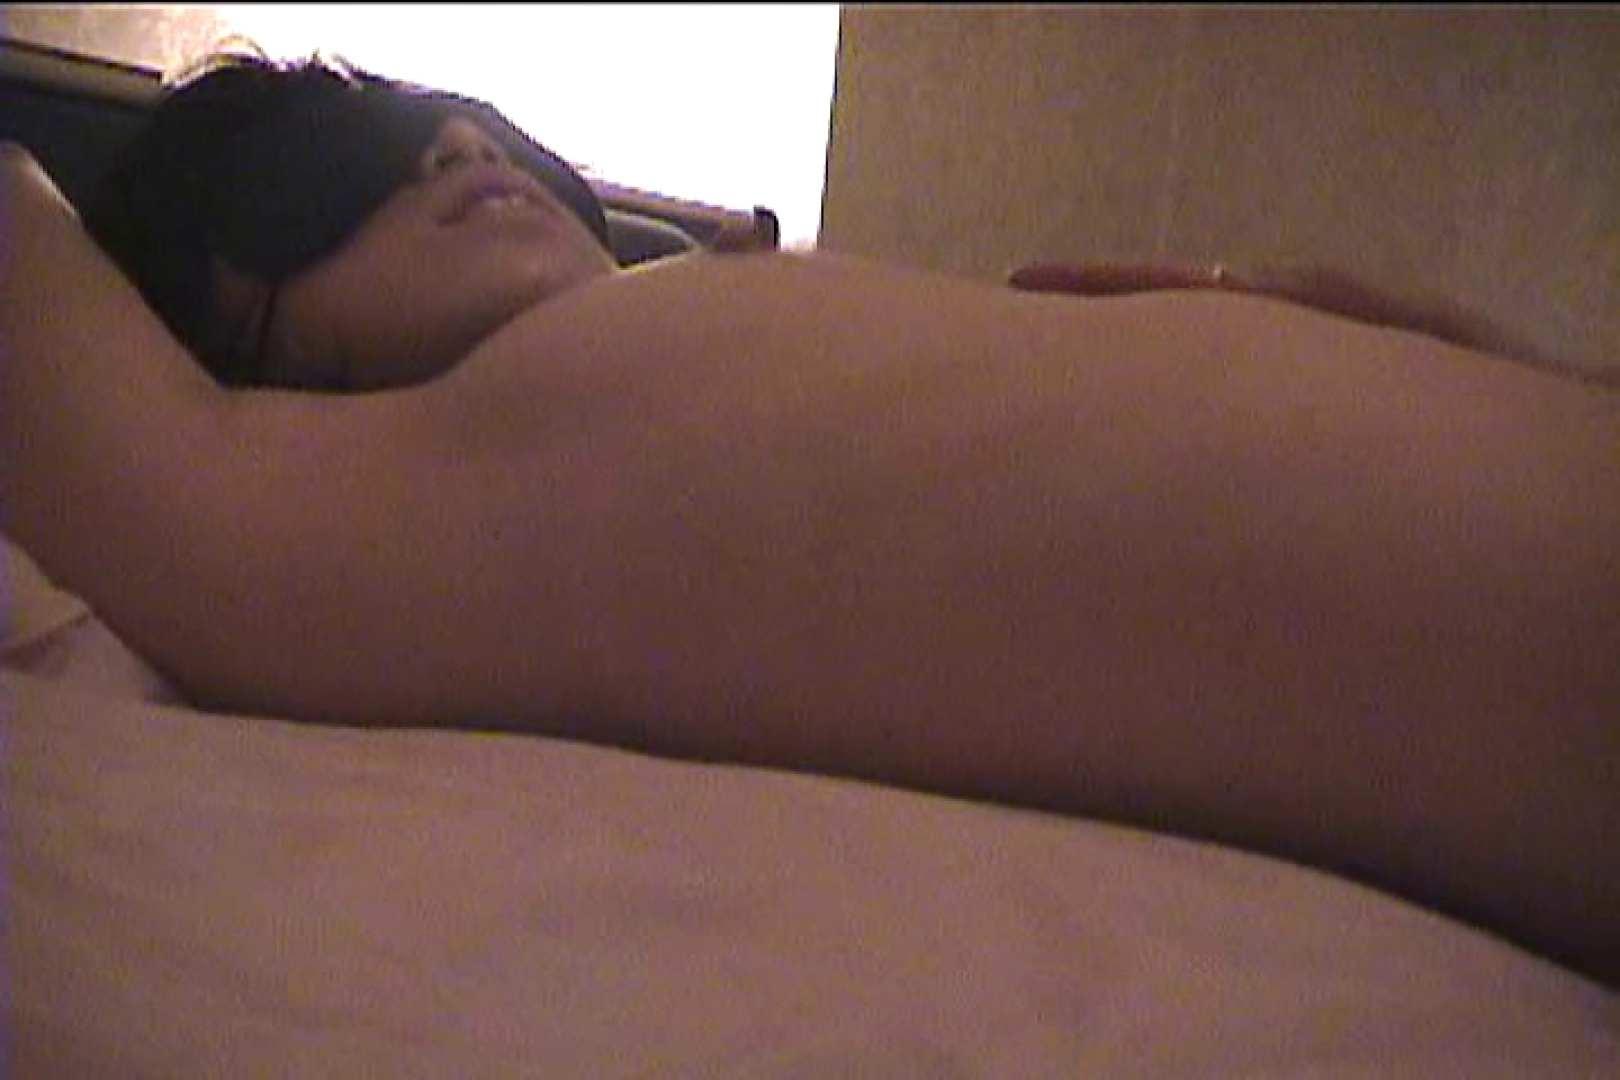 クリ責めおしっこ嬢・バージン短大生 ゆい20才Vol.2 喘ぎ  87連発 25